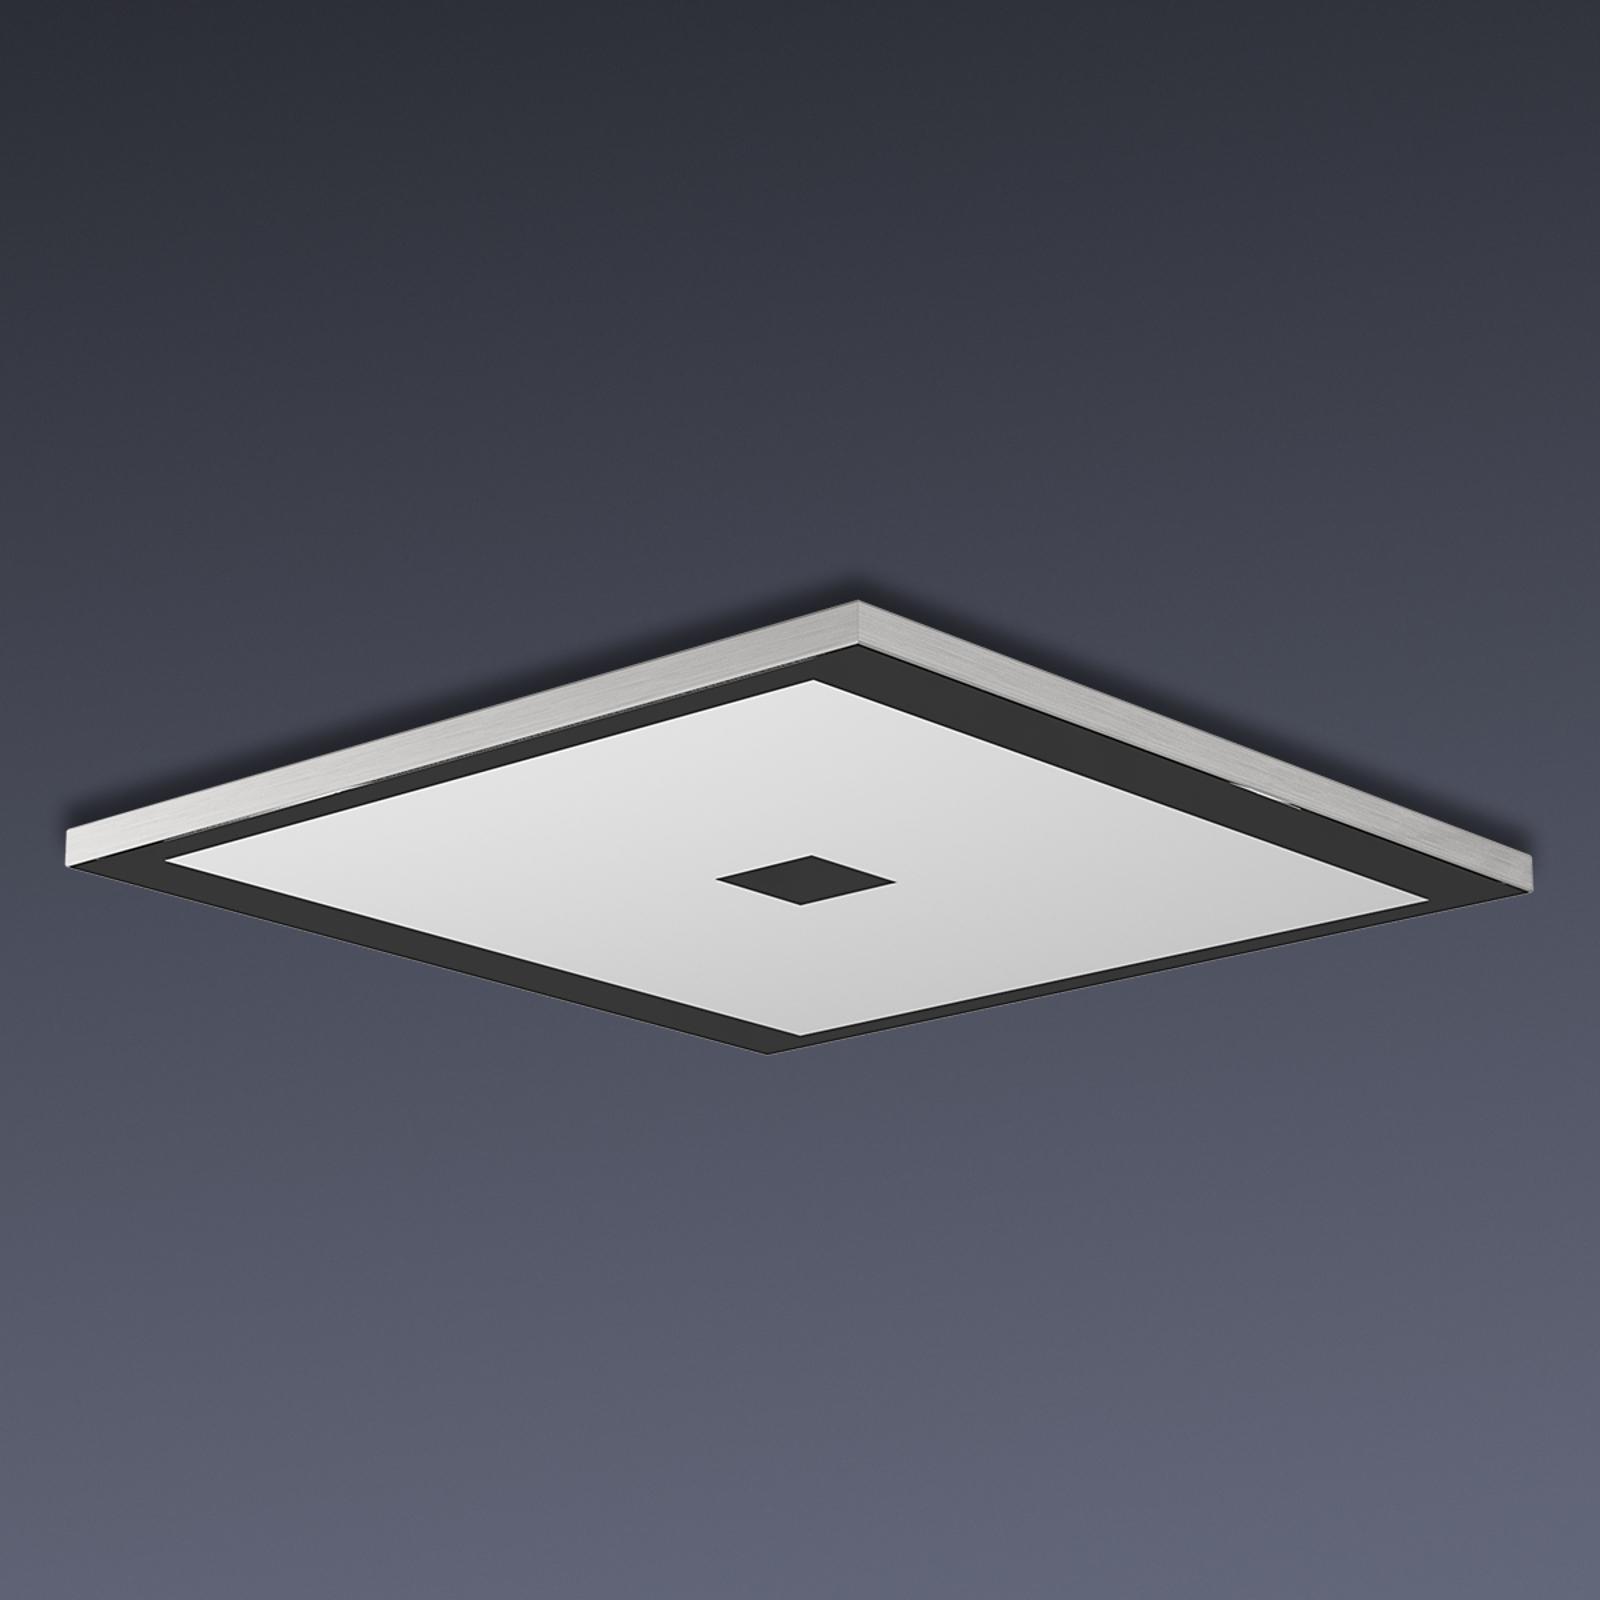 Lampada LED da soffitto quadrata Zen Color Control